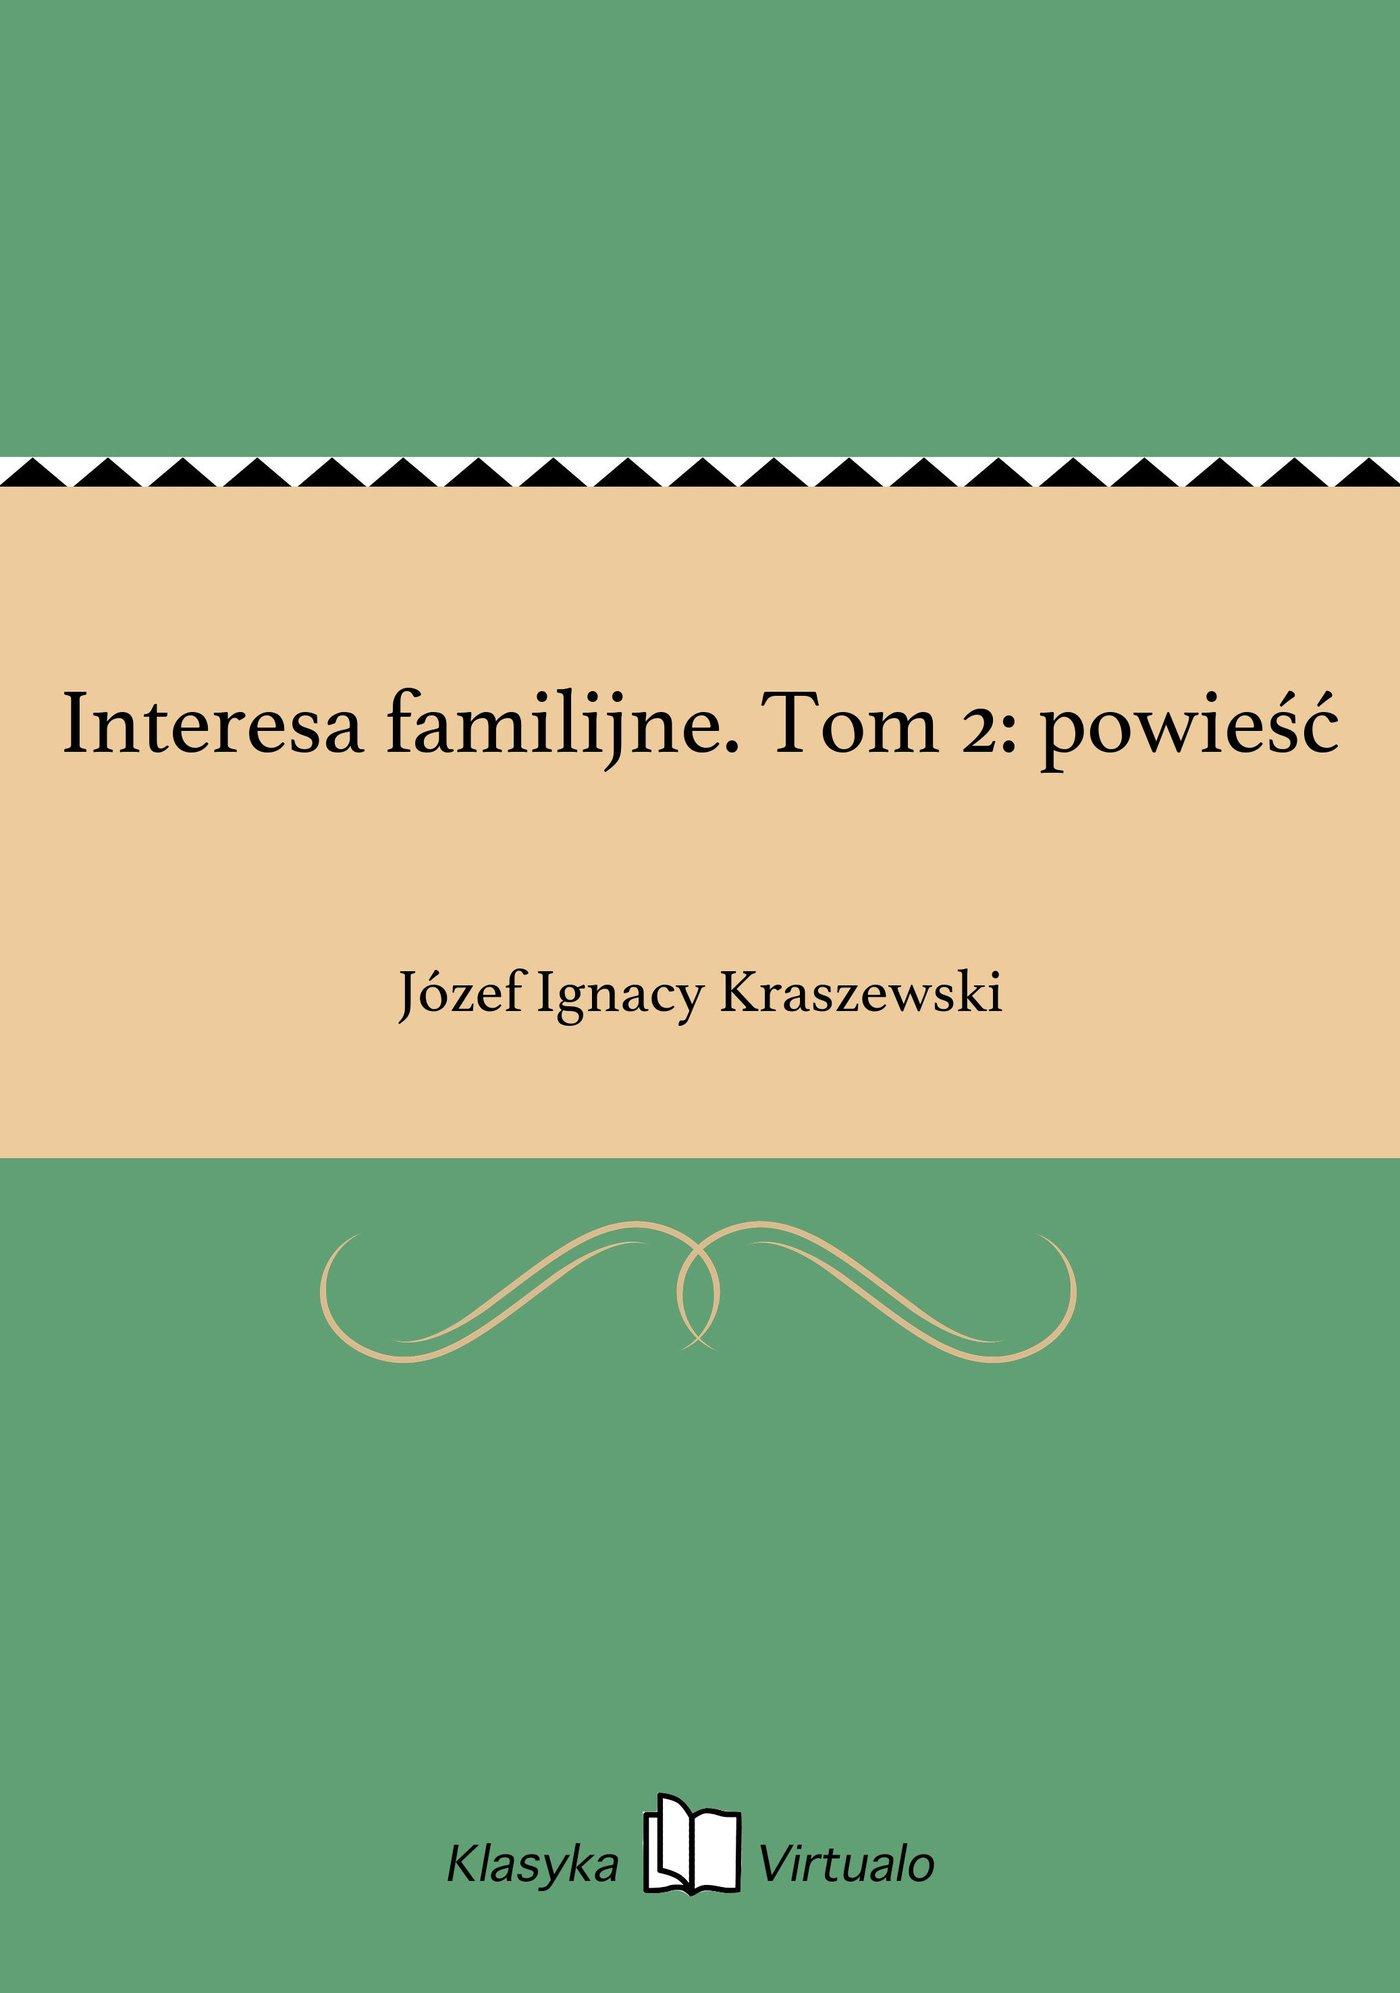 Interesa familijne. Tom 2: powieść - Ebook (Książka EPUB) do pobrania w formacie EPUB